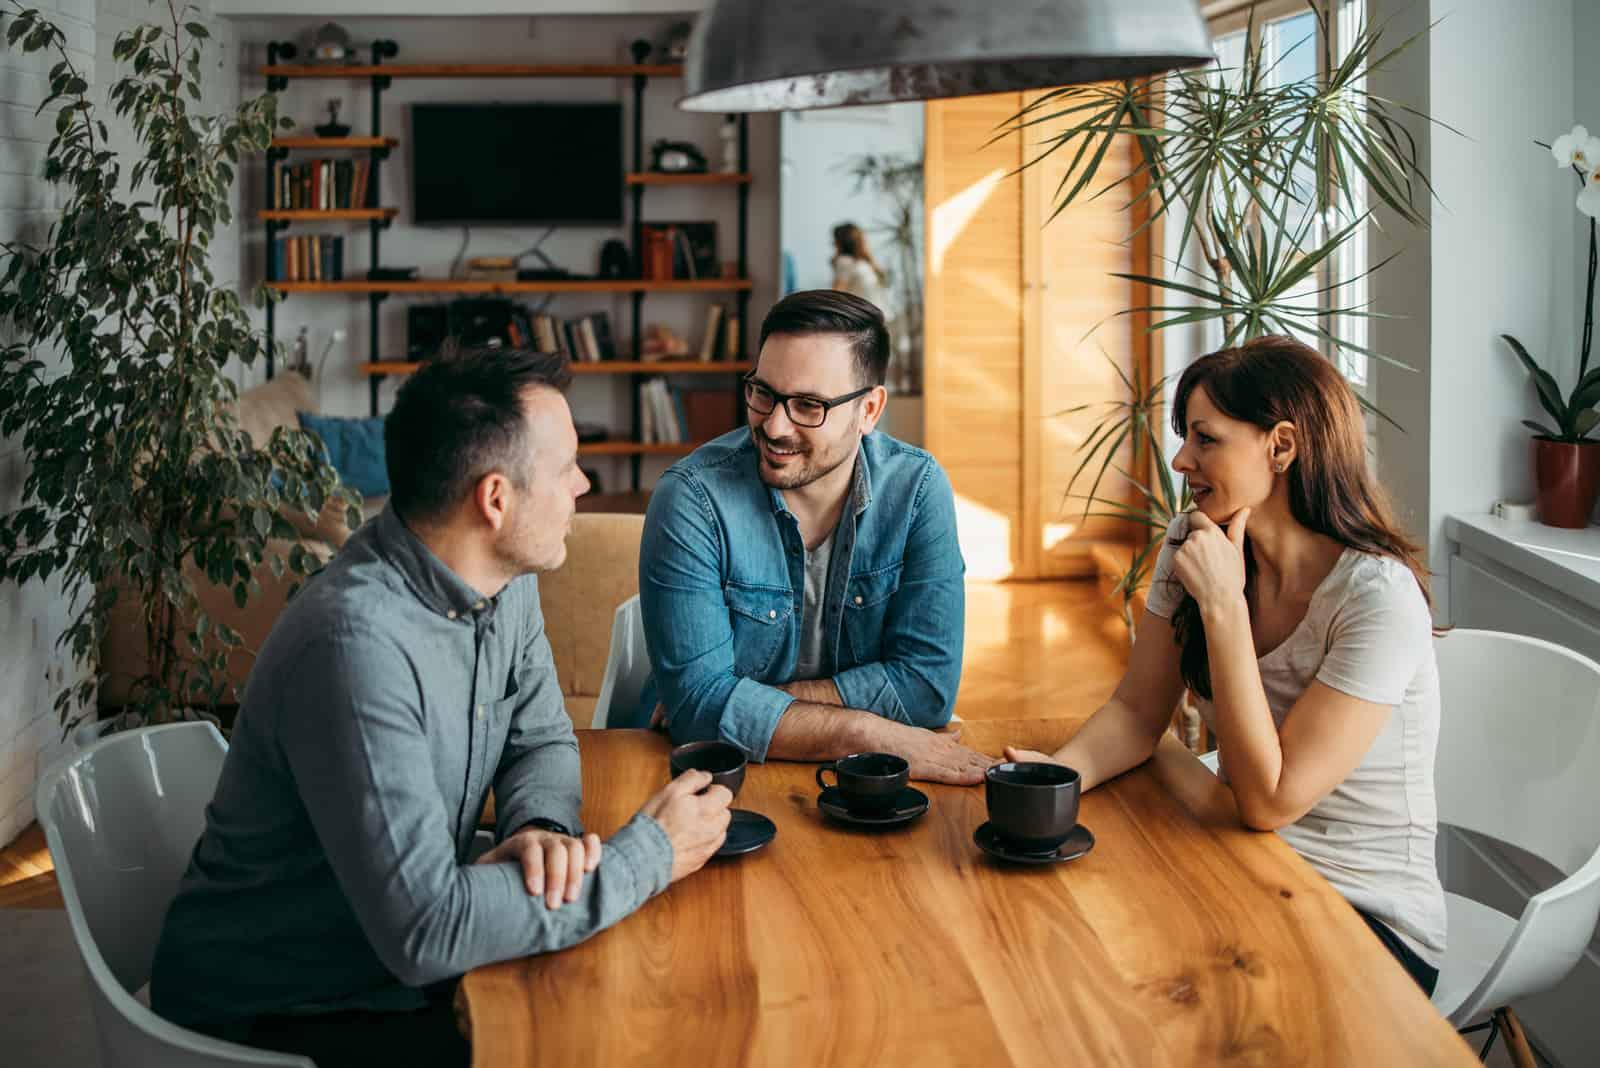 deux hommes et une femme sont assis en train de boire du café et de parler